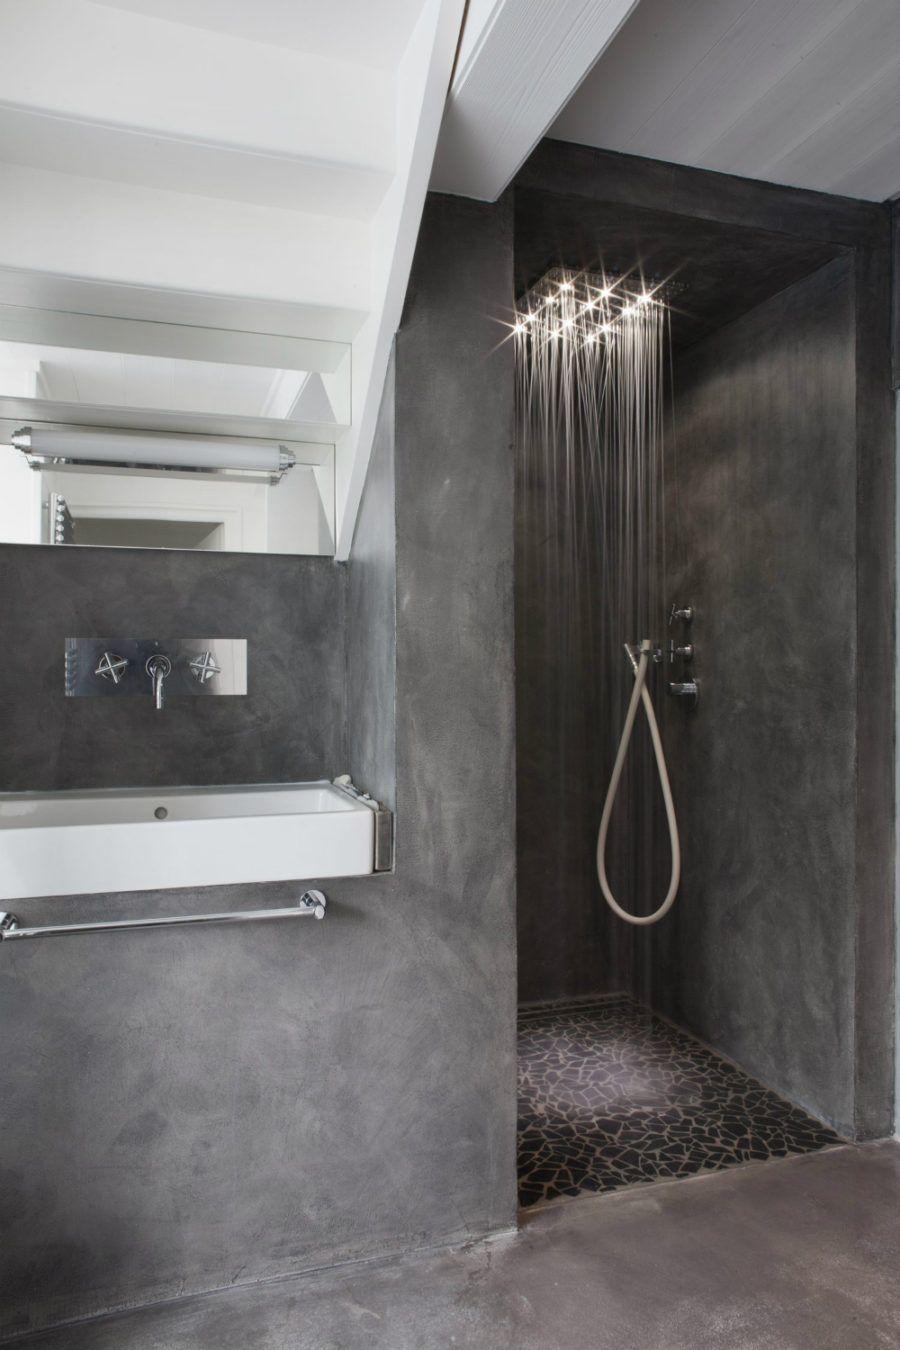 Photo of Stilvolle Betoninnenräume für zeitgenössische Häuser – Neueste Dekor